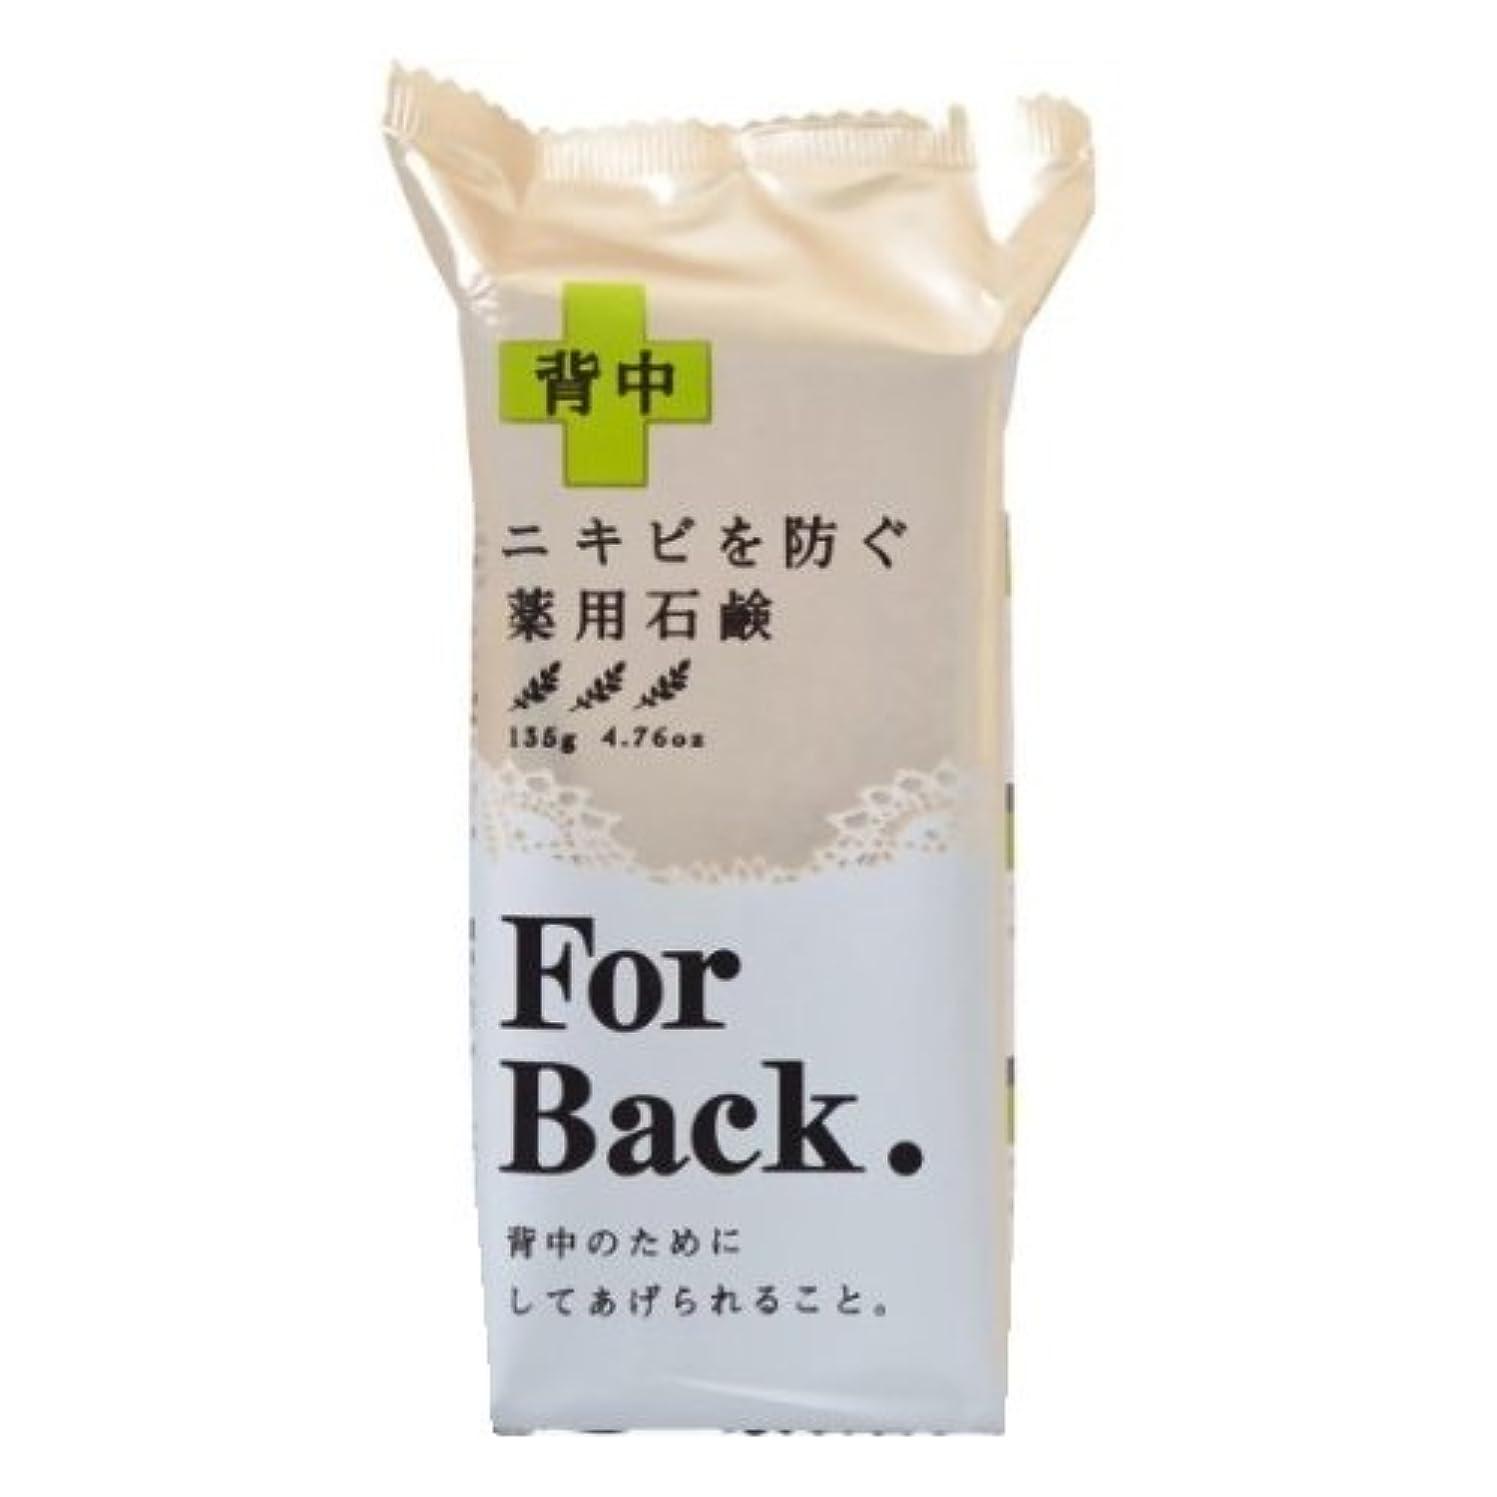 差別する本物同意する薬用石鹸ForBack 135g